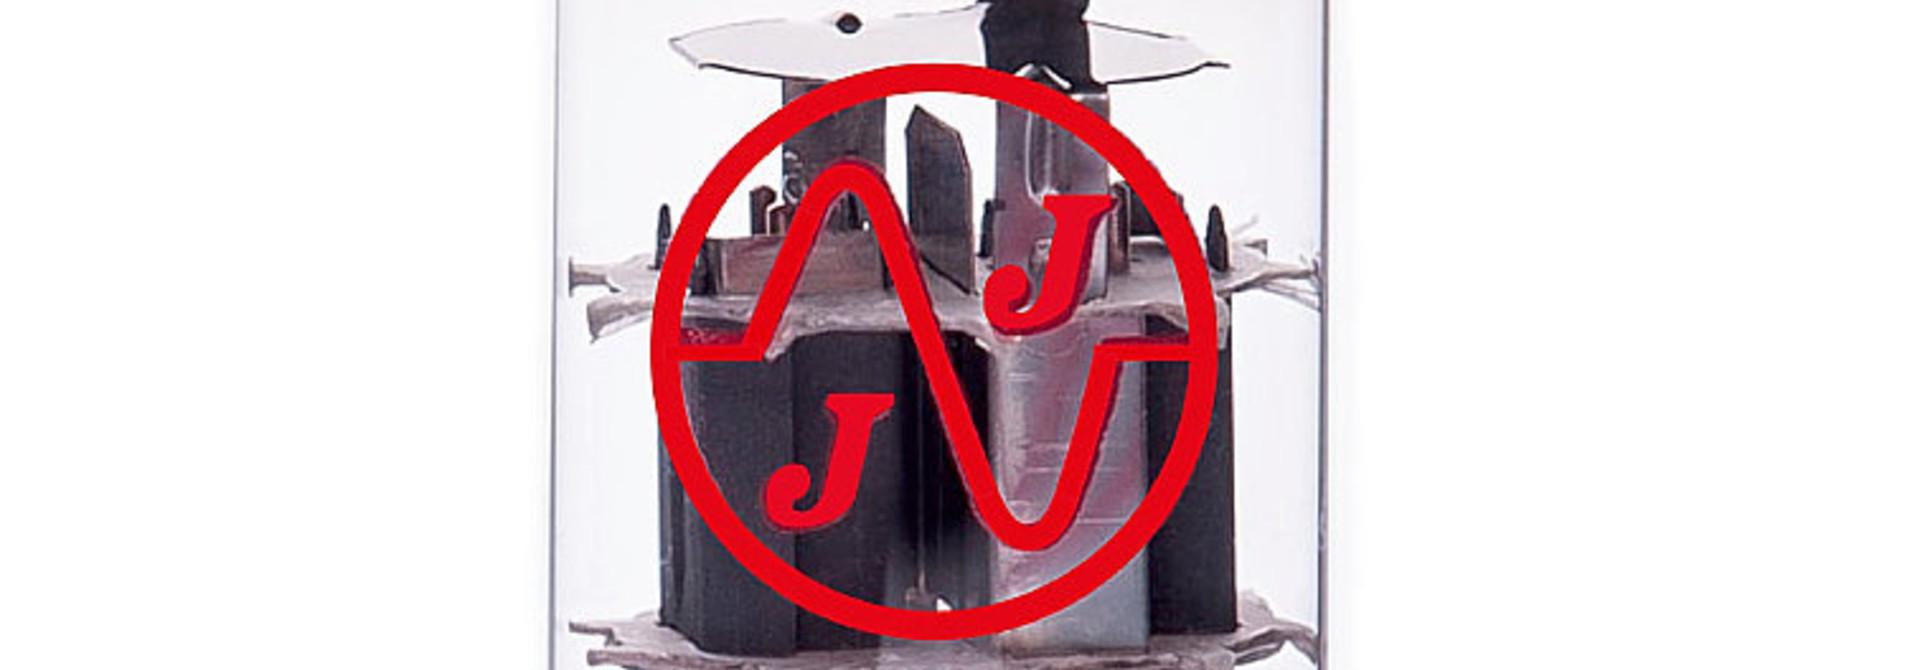 JJ Electronics 12ax7 - ECC83 Preamp Tube